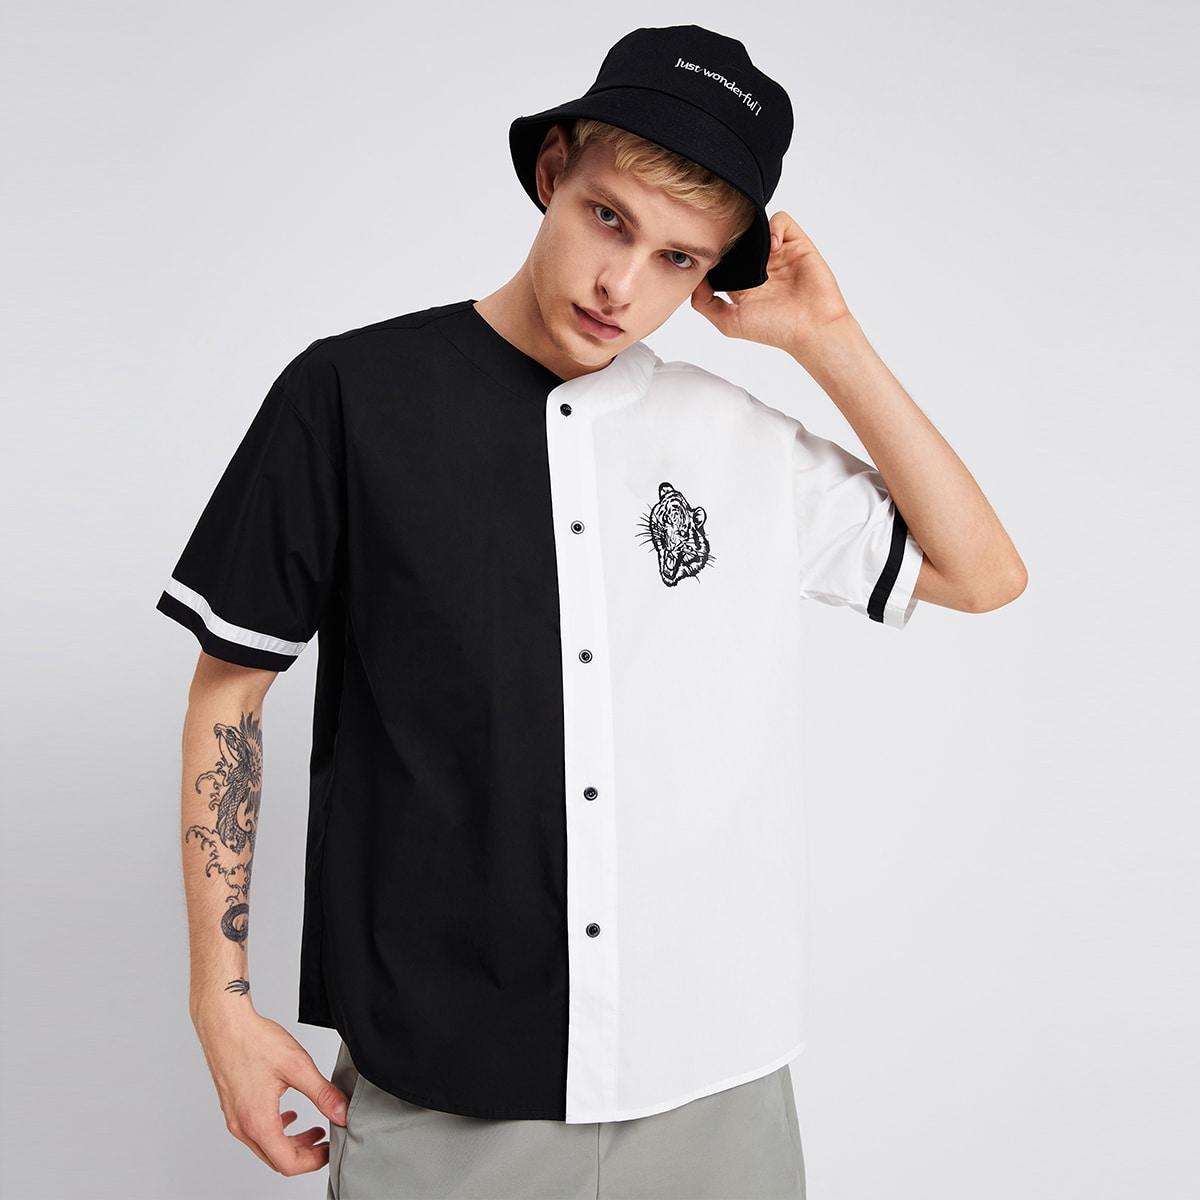 Мужской Рубашка с принтом тигра двухцветный на пуговицах SheIn smshirt07210612605